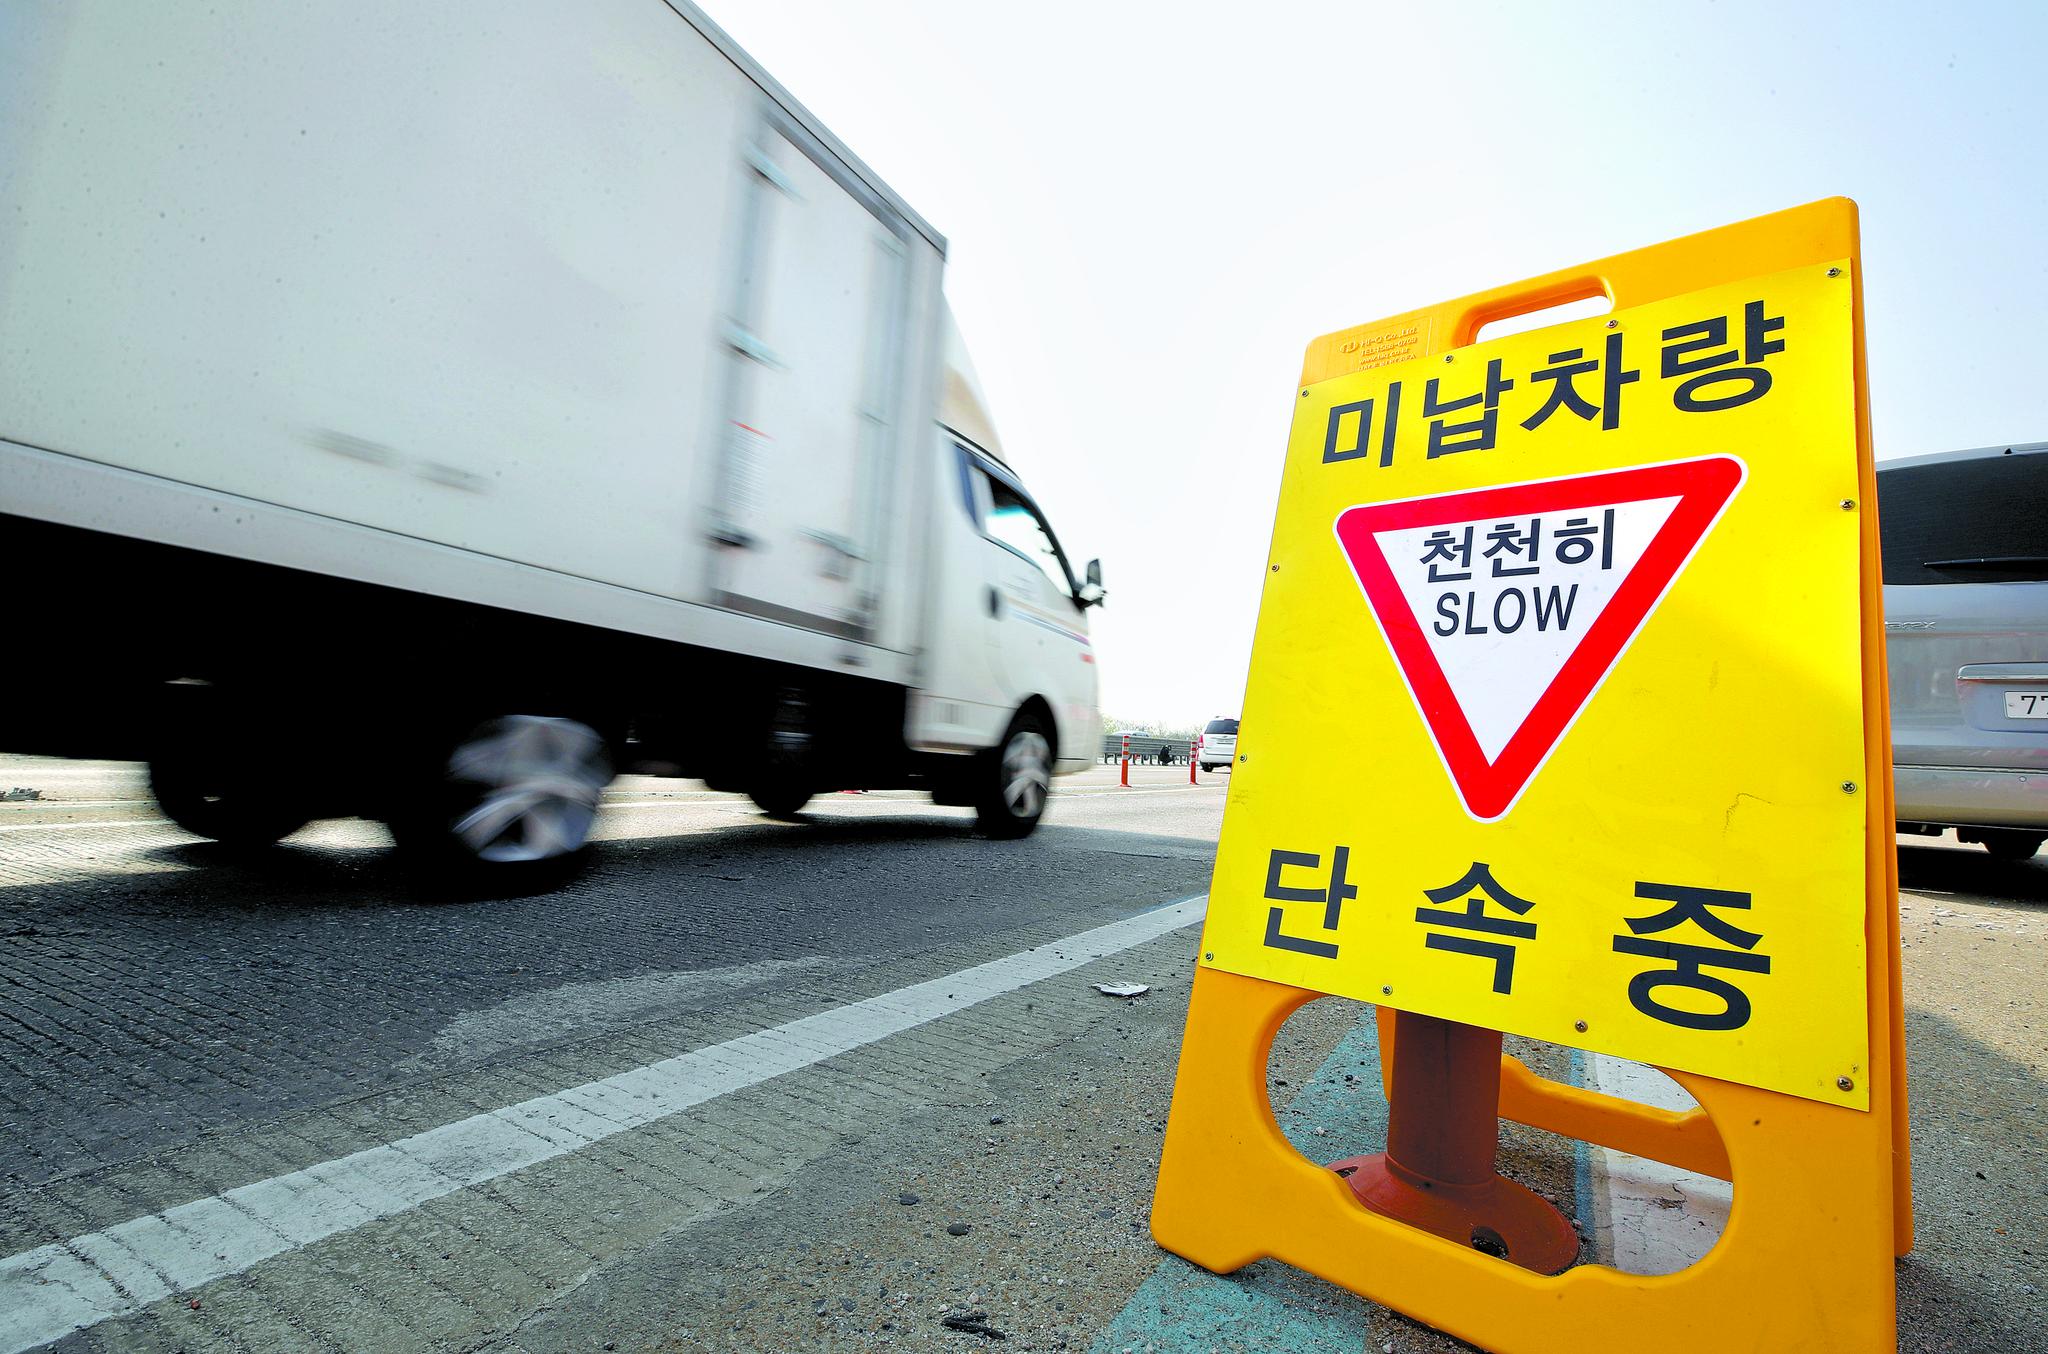 행정안전부는 22일부터 자동차세와 과태료를 상습적으로 체납한 차량을 집중적으로 단속한다고 밝혔다. [연합뉴스]